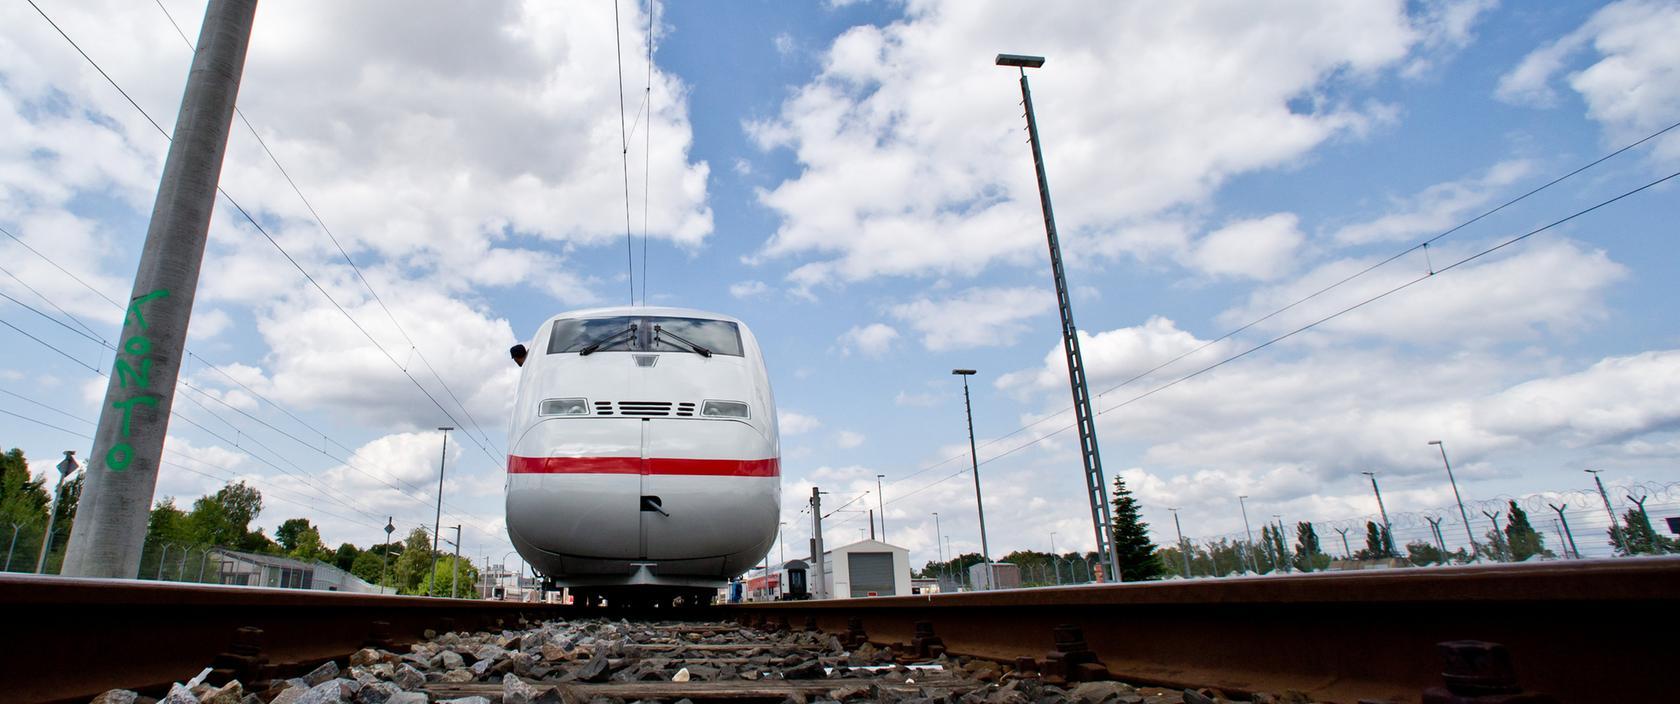 Auch auf Schienen kann man sich verfahren: Das erlebten die Passagiere des ICE 1208 am Samstag.